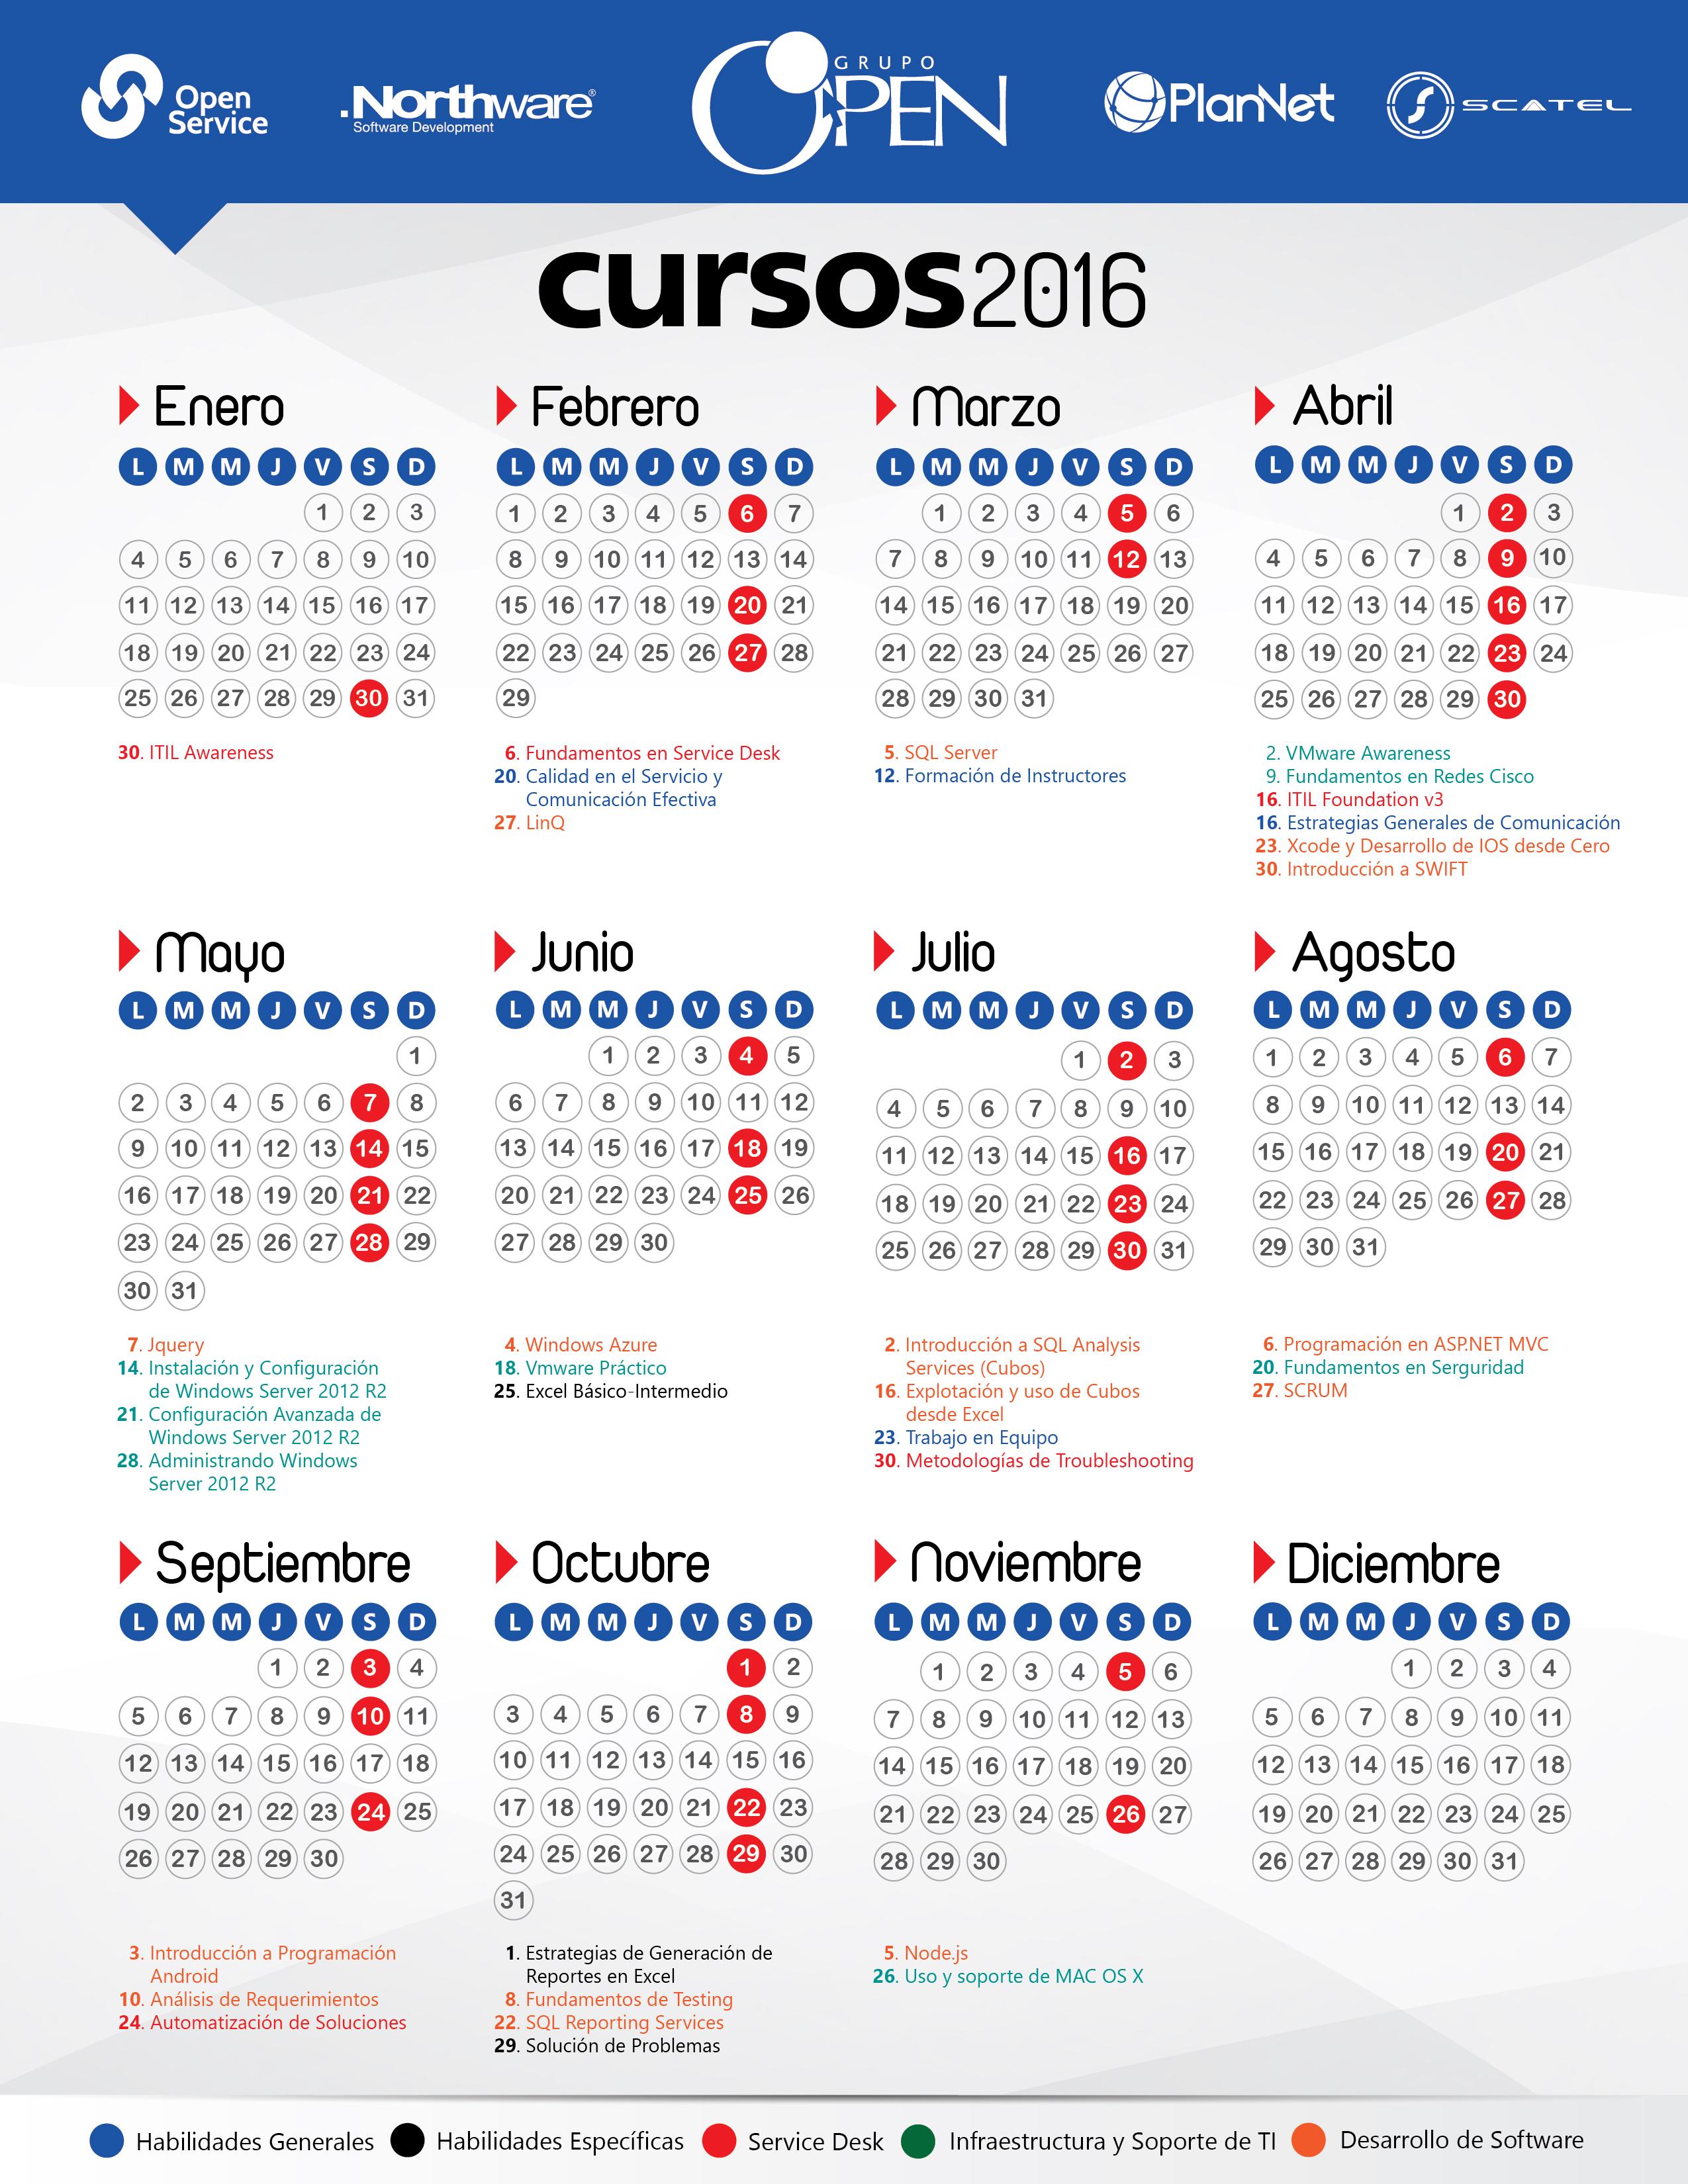 calendario cursos 2016